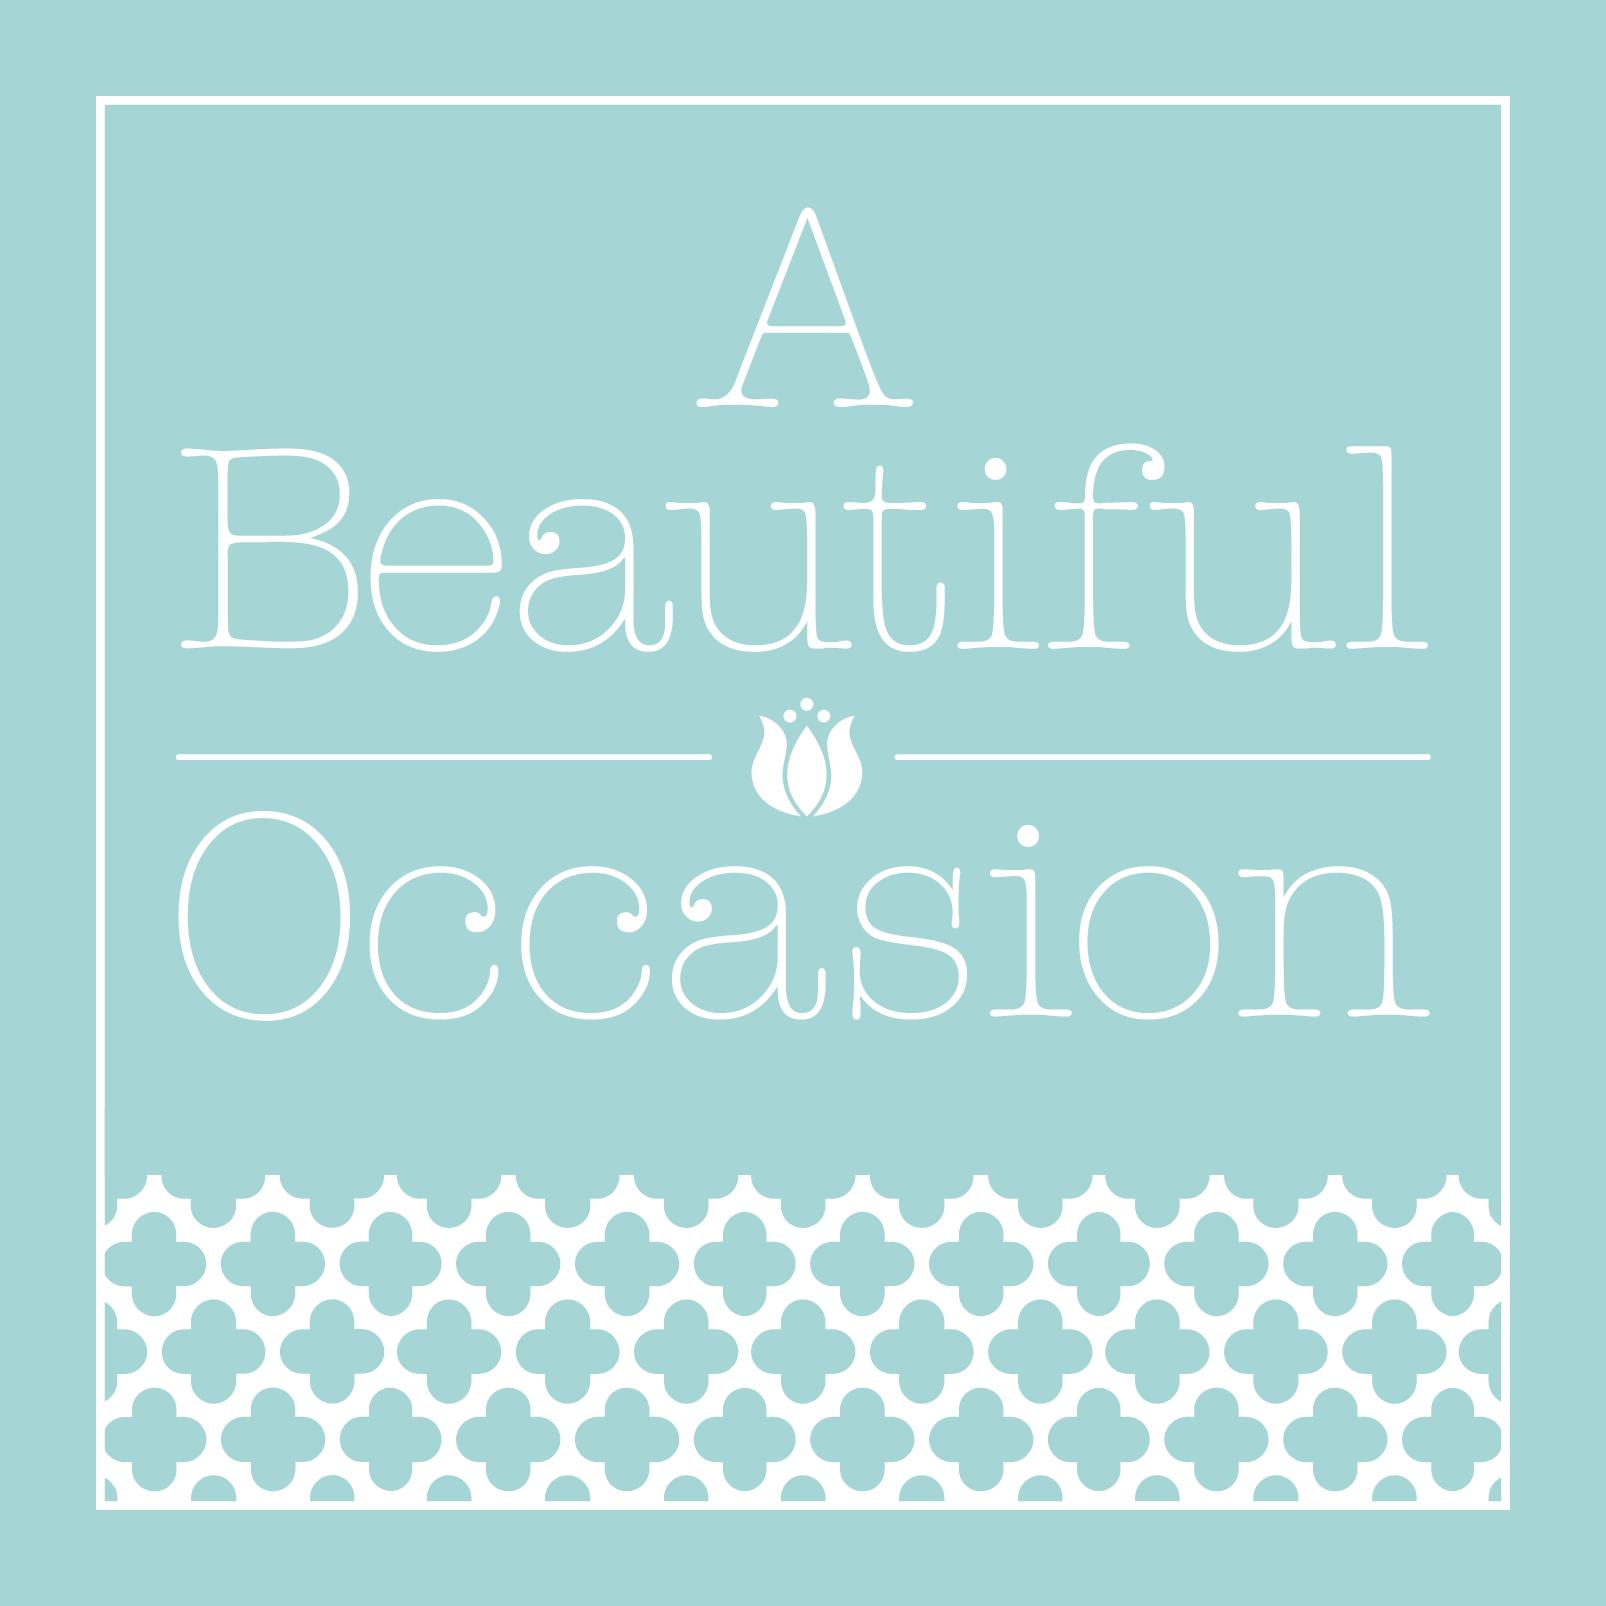 ABeautifulOccasion_Blog_WhoIsABeautifulOccasion2